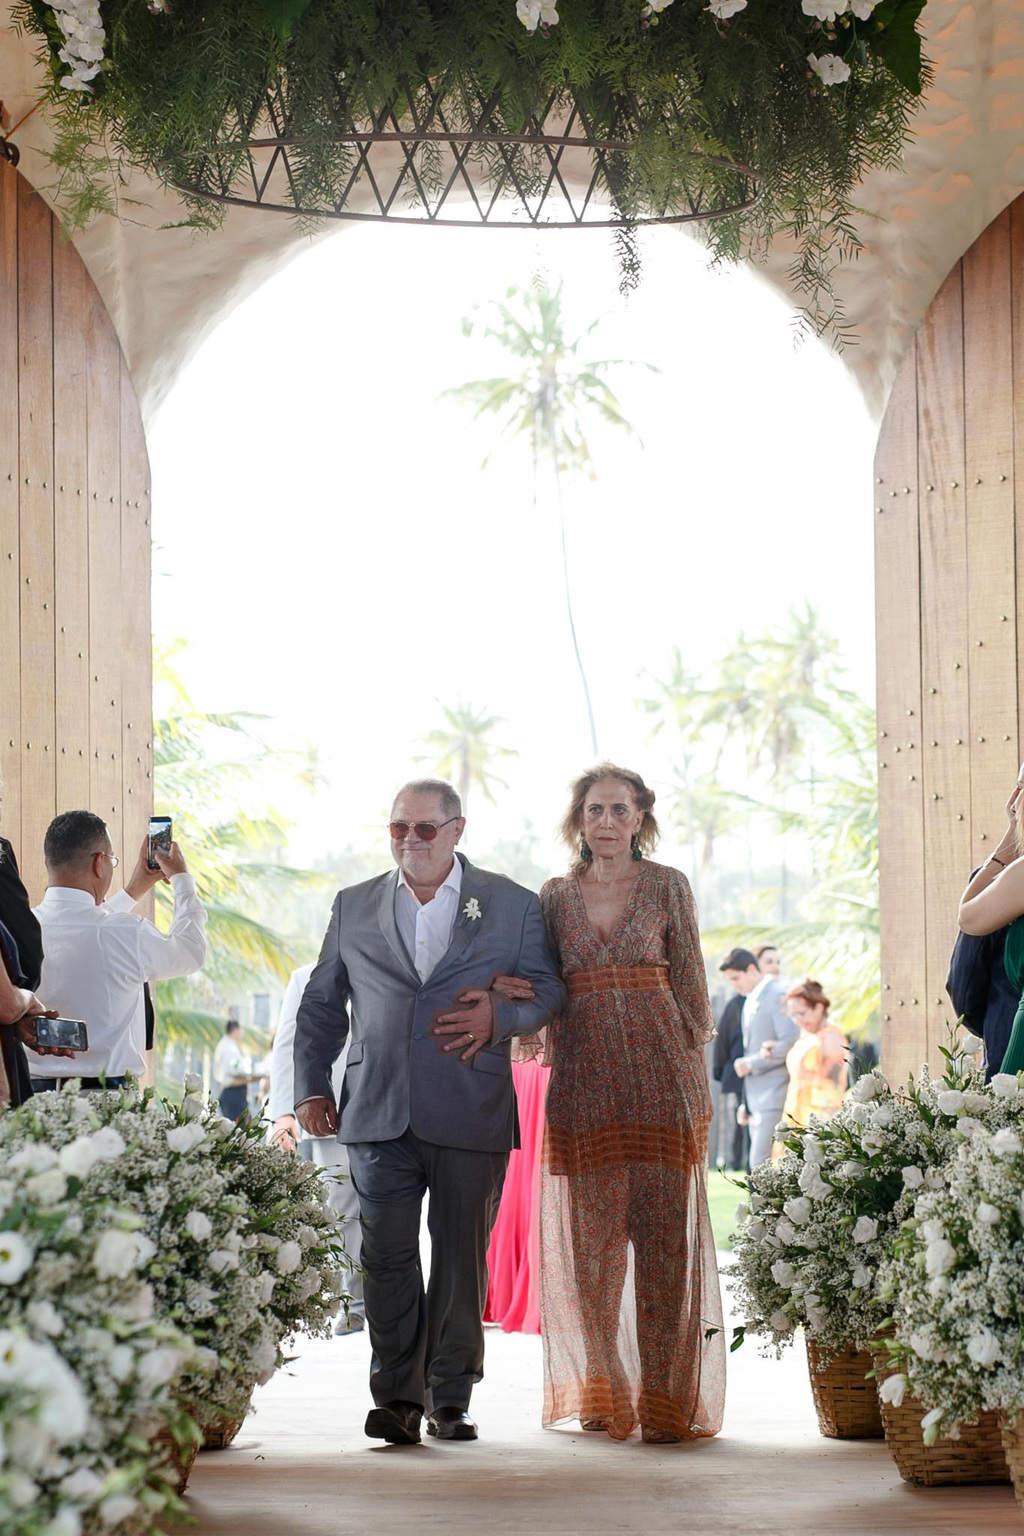 AL-Aline-e-Mauricio-capela-dos-milagres-casamento-casamento-na-praia-cortejo-madrinhas-padrinhos55